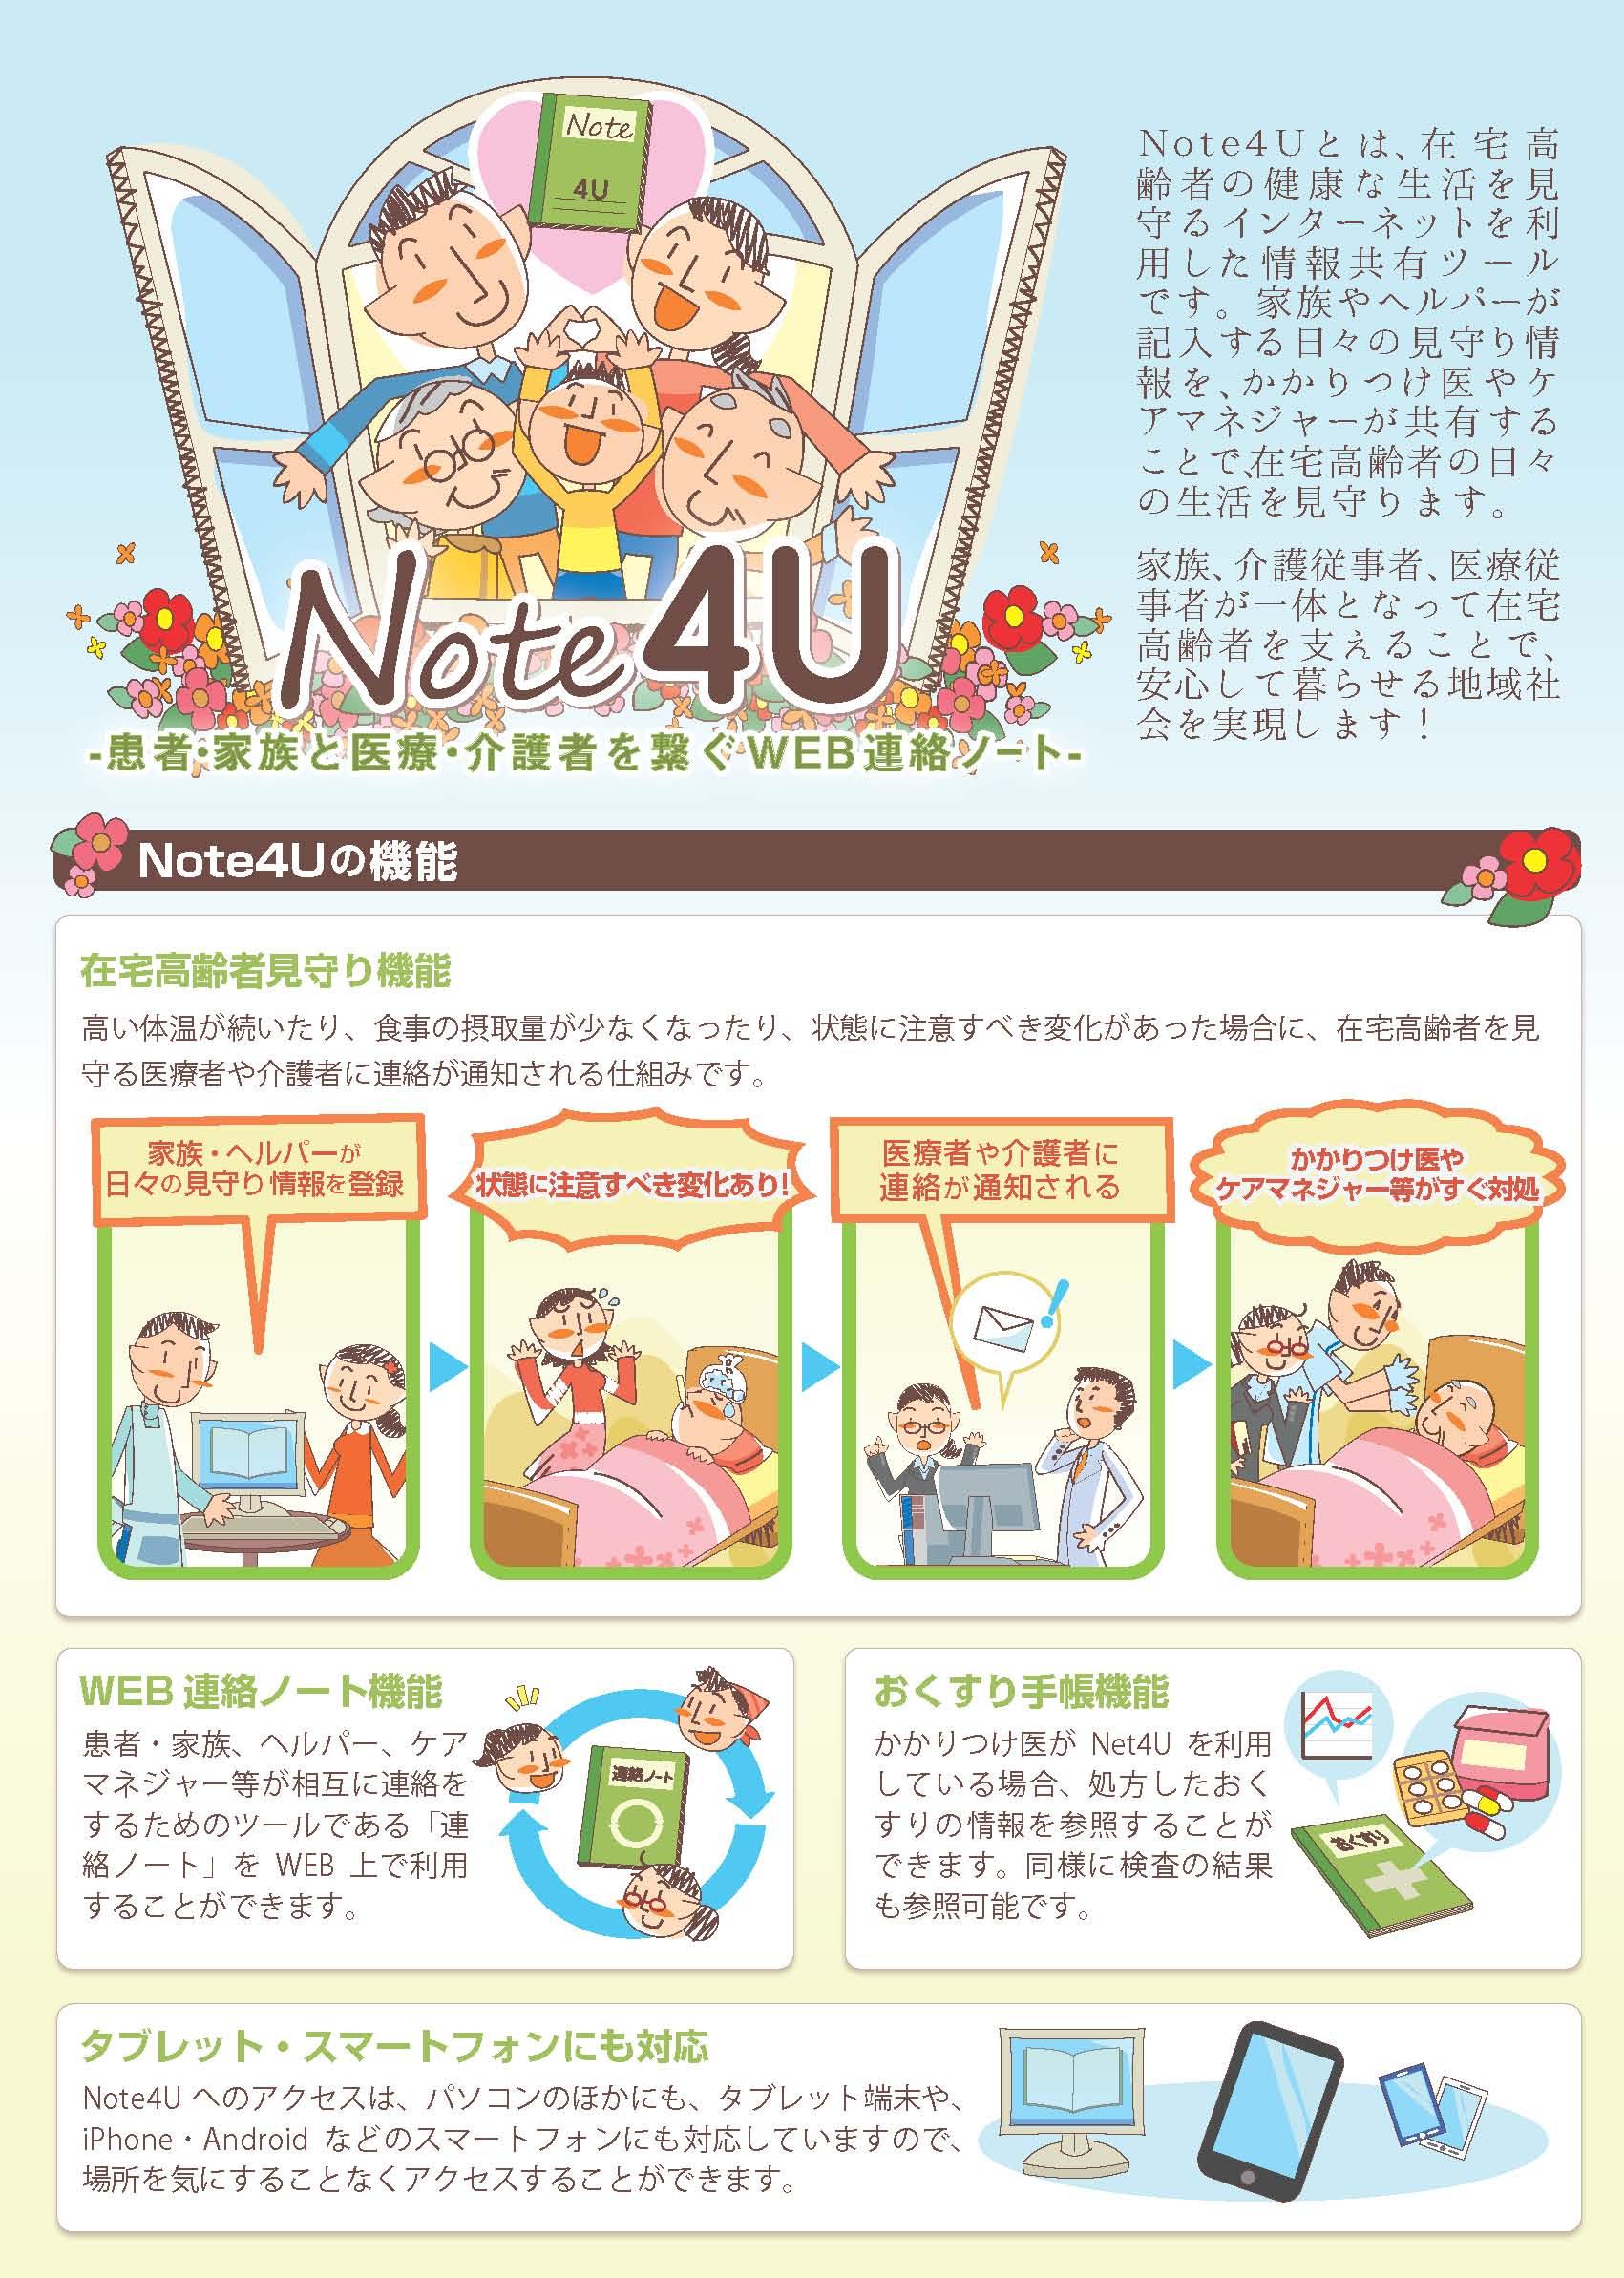 Note4U